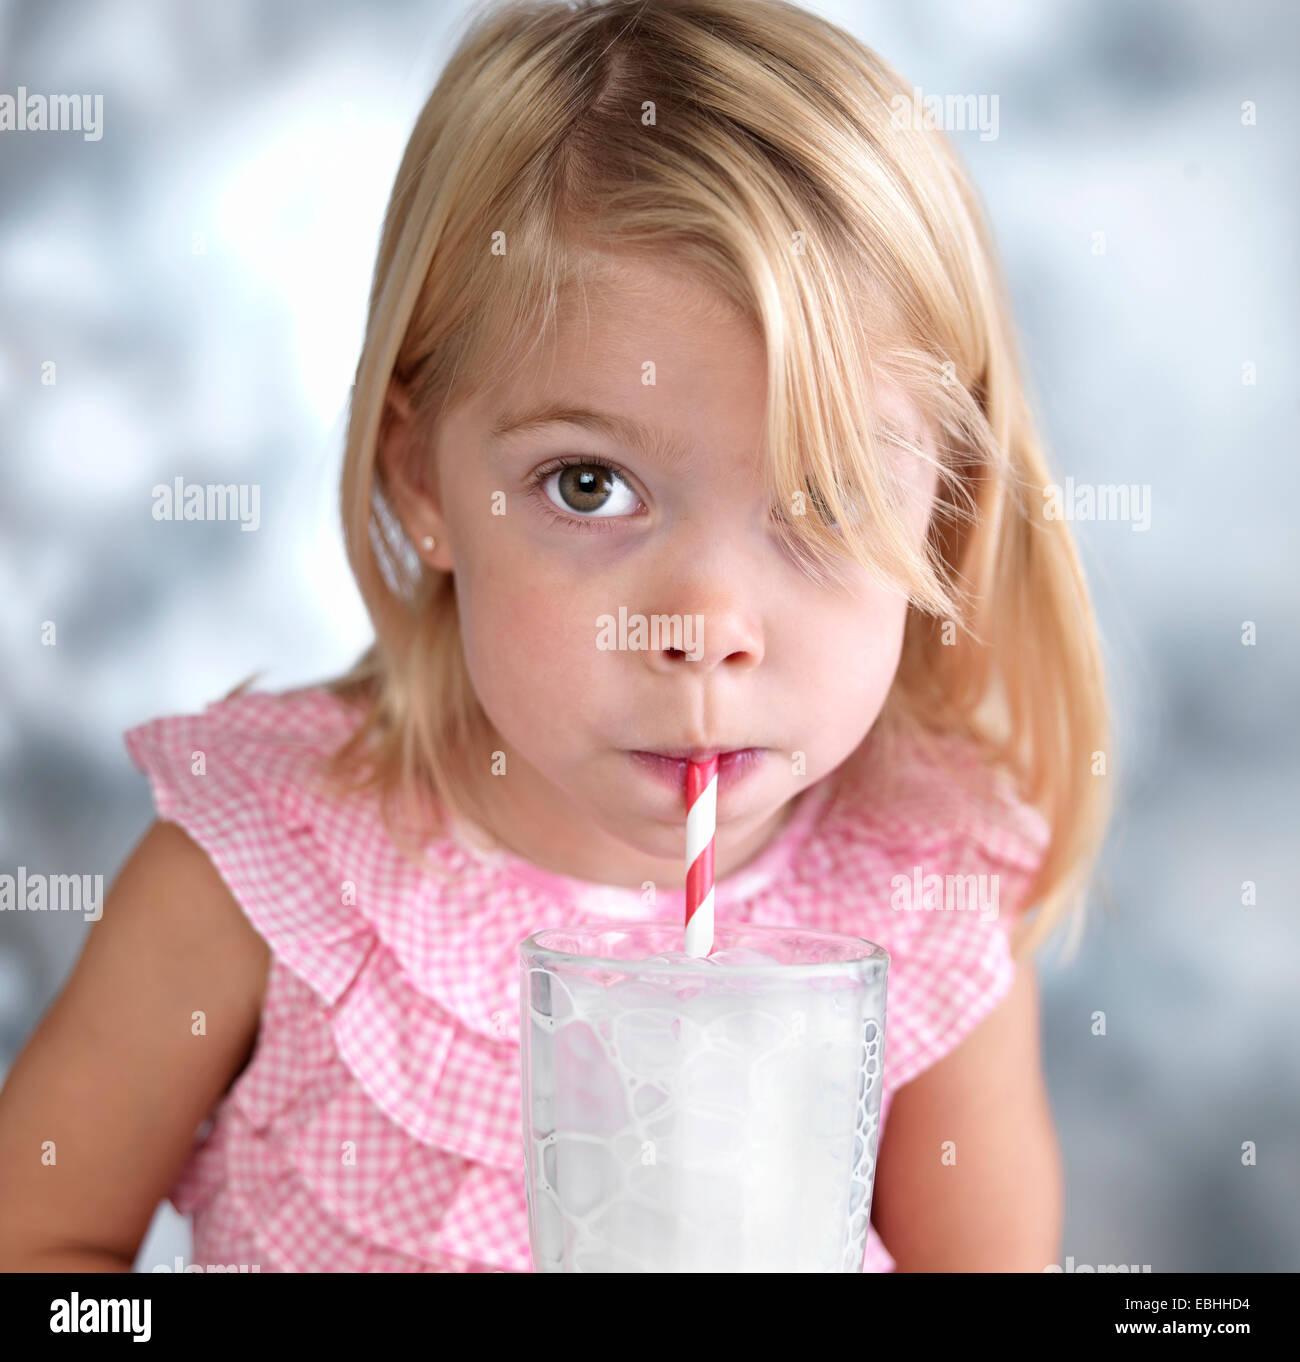 Porträt von weiblichen Kleinkind Seifenblasen in der Milch durch trinken Stroh Stockbild